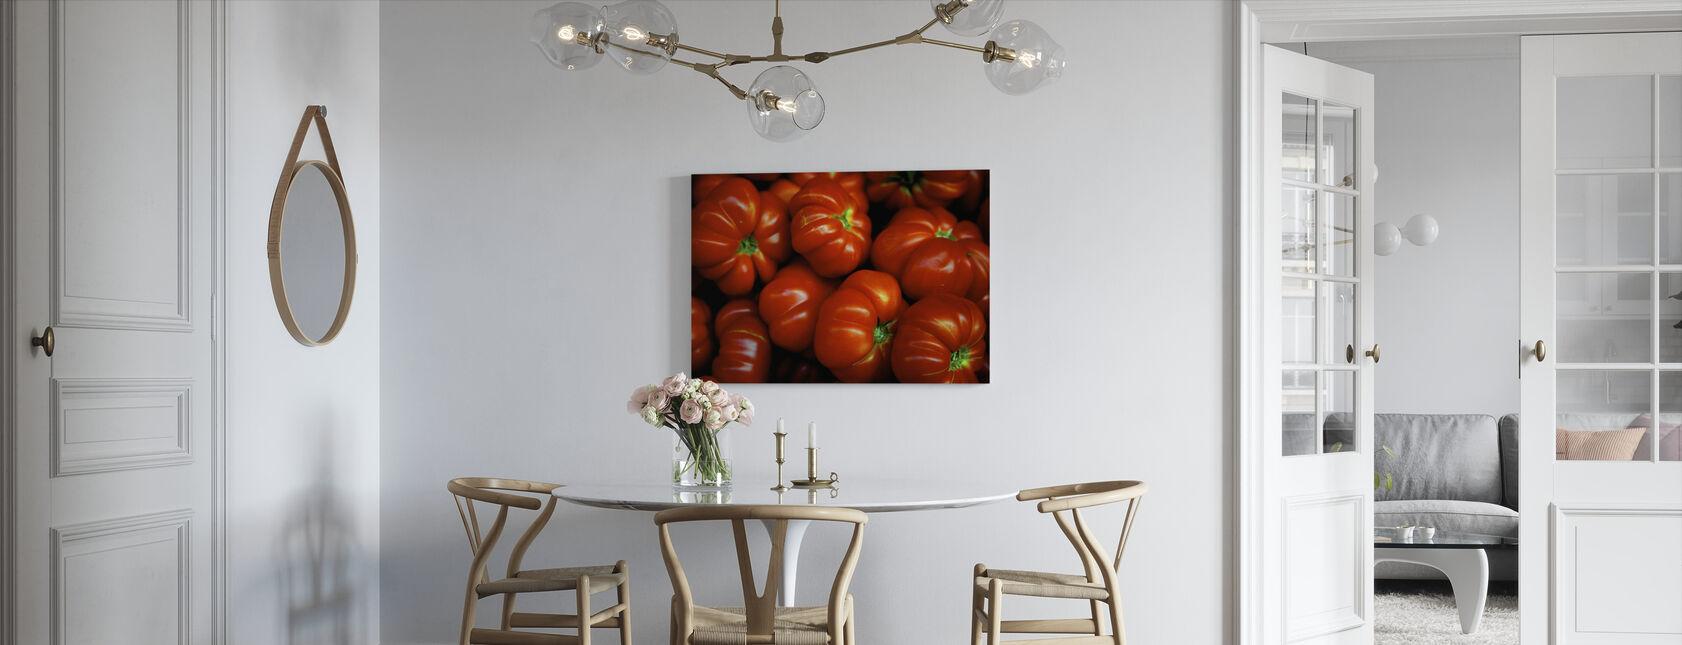 Italienske tomater - Billede på lærred - Køkken